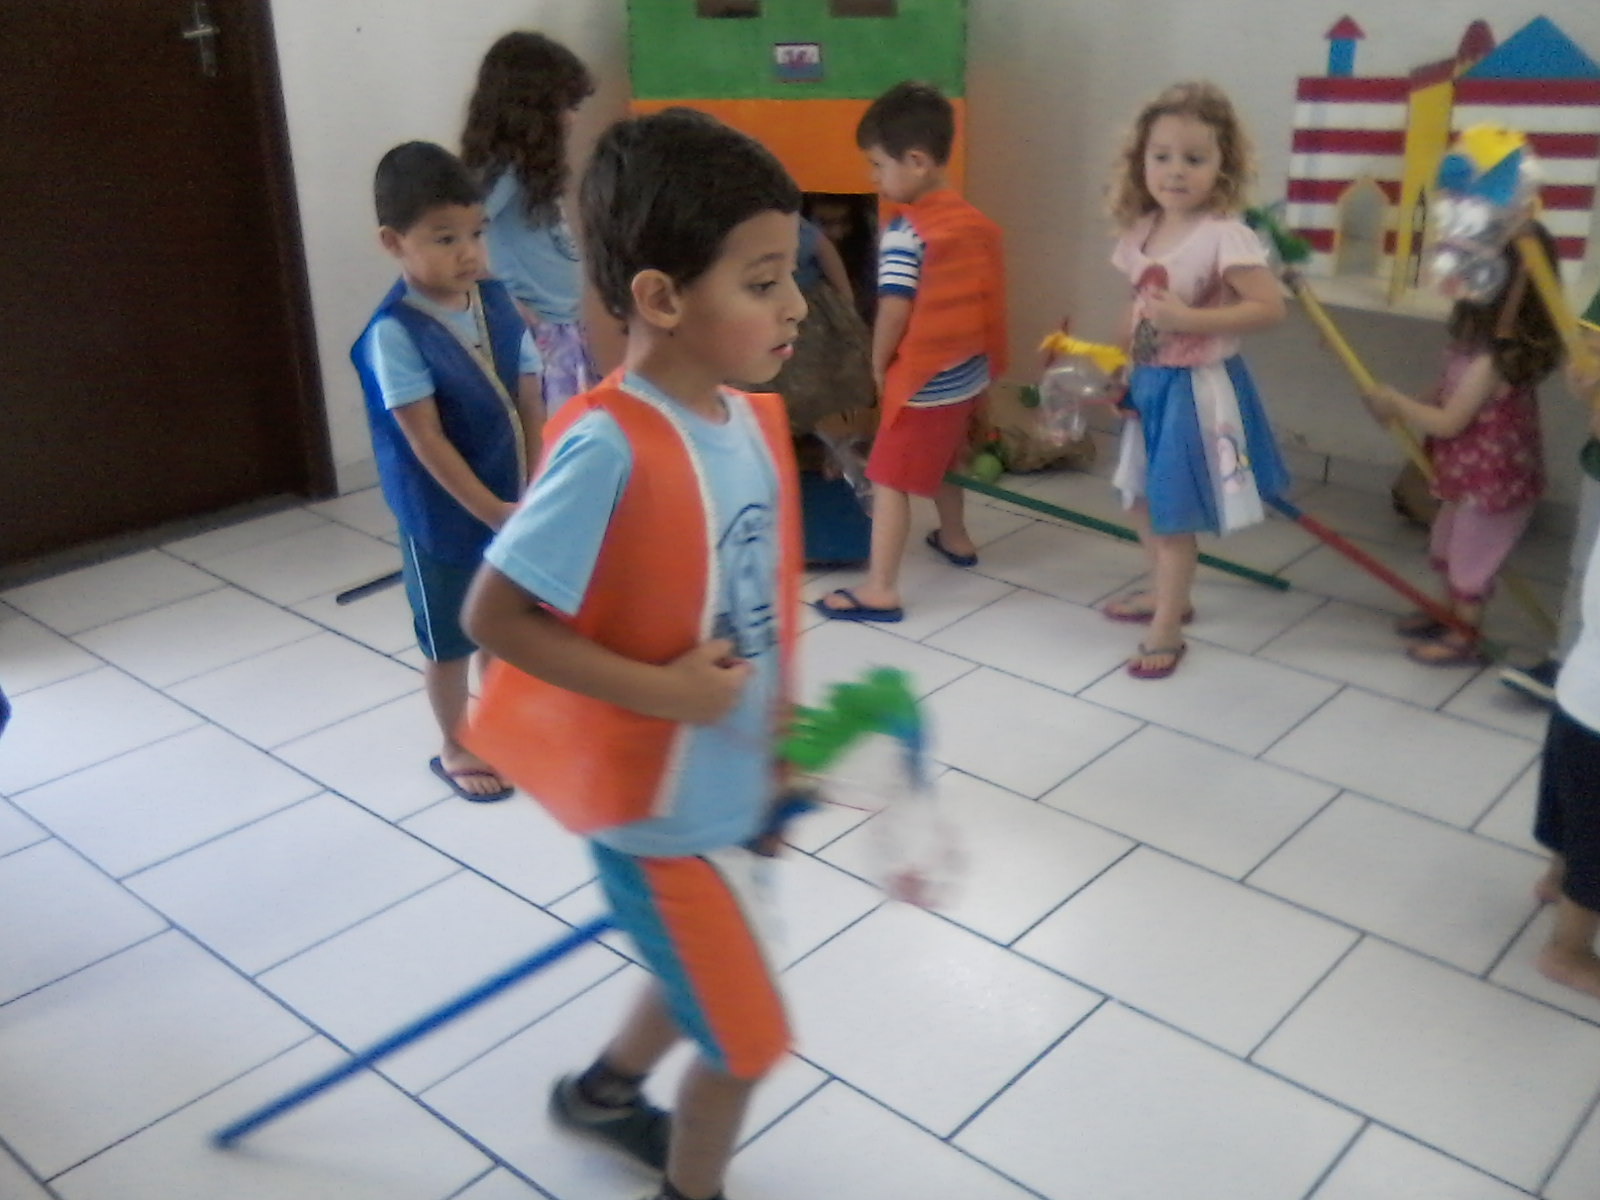 Semana da Criança - Cantos de Atividades Diversificadas - CMEI Ângela Dellatre